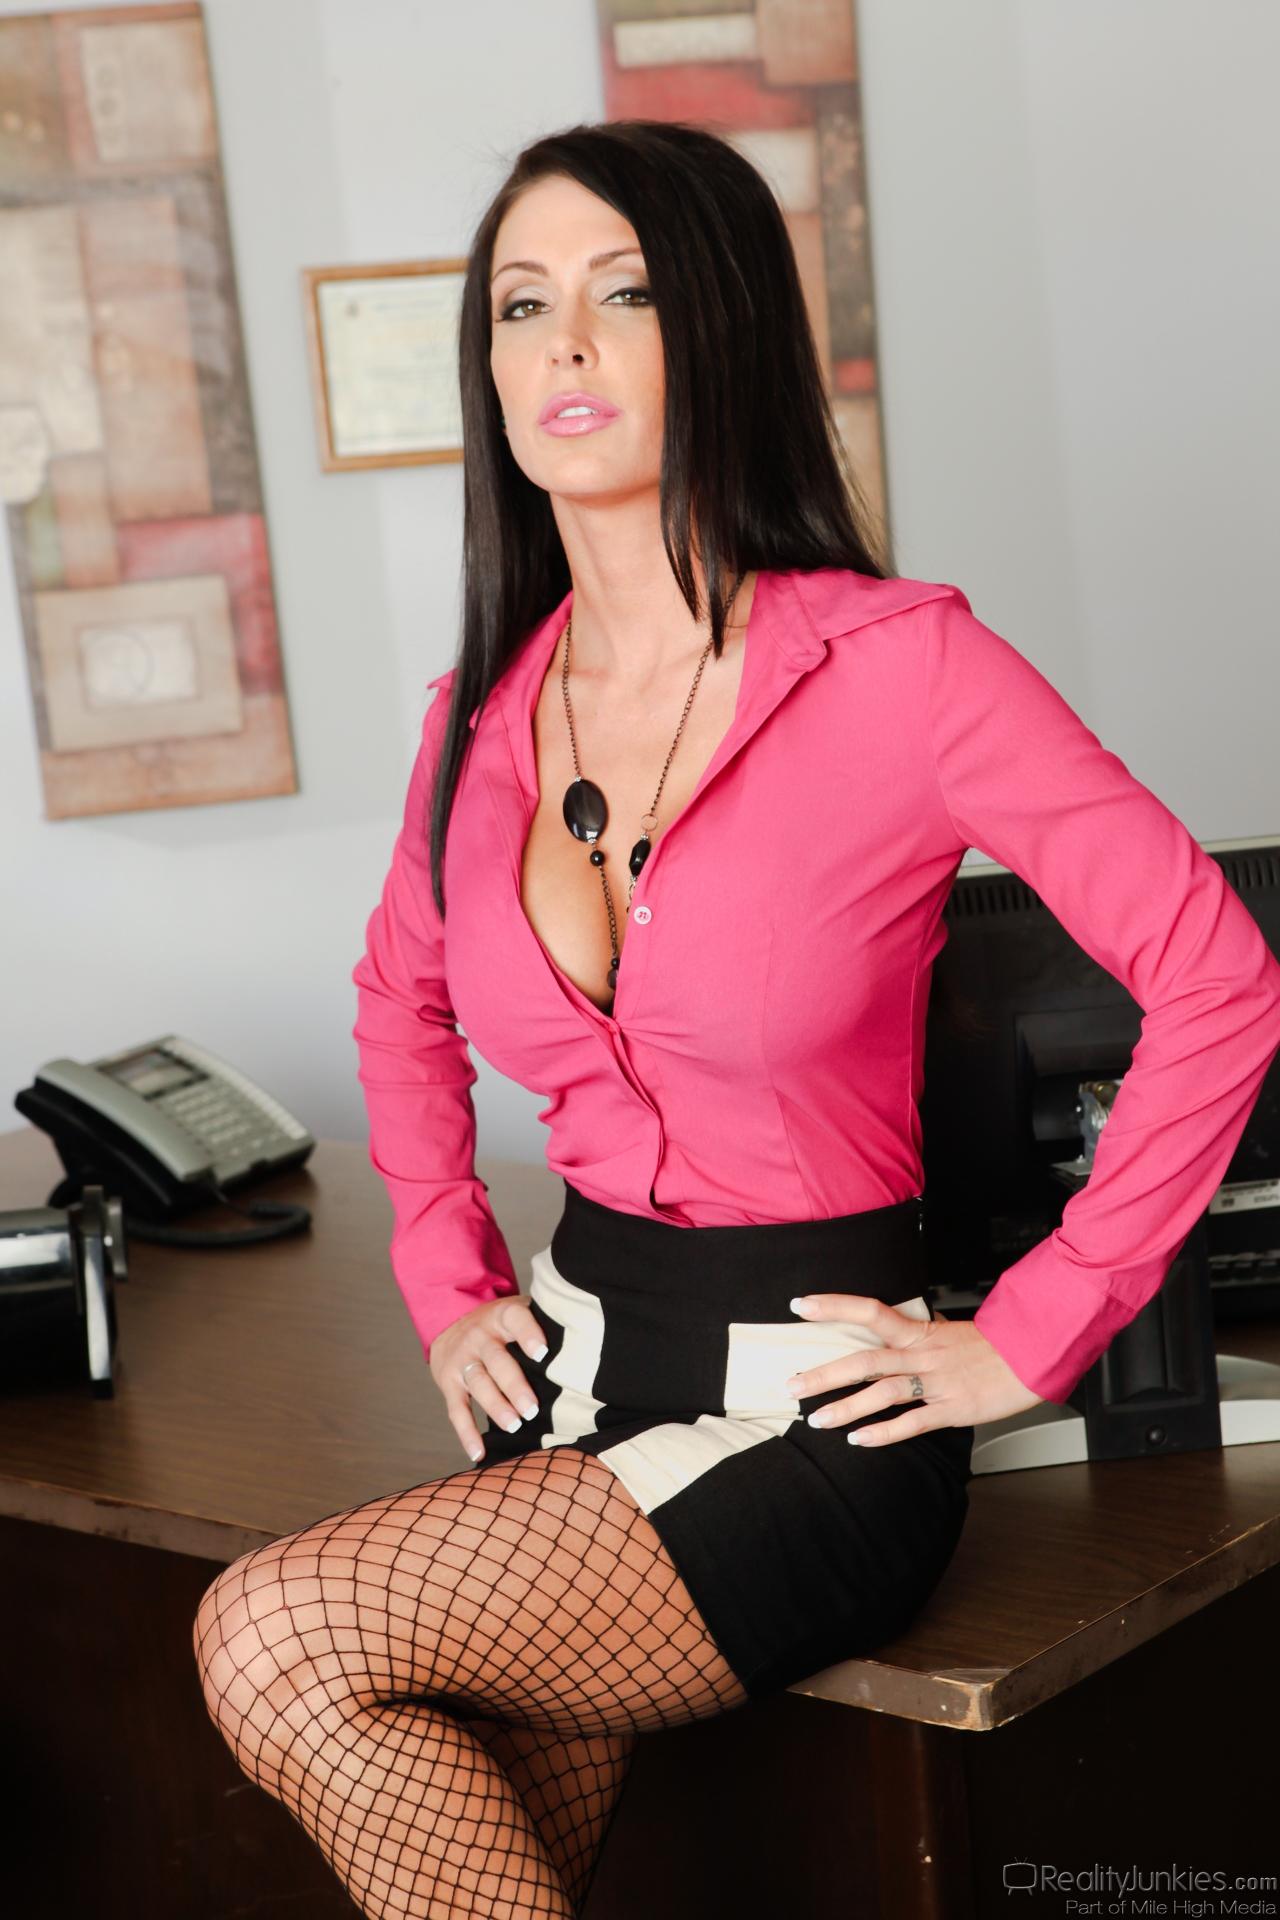 Смотреть секретаршу выебли в попу хочу кидать